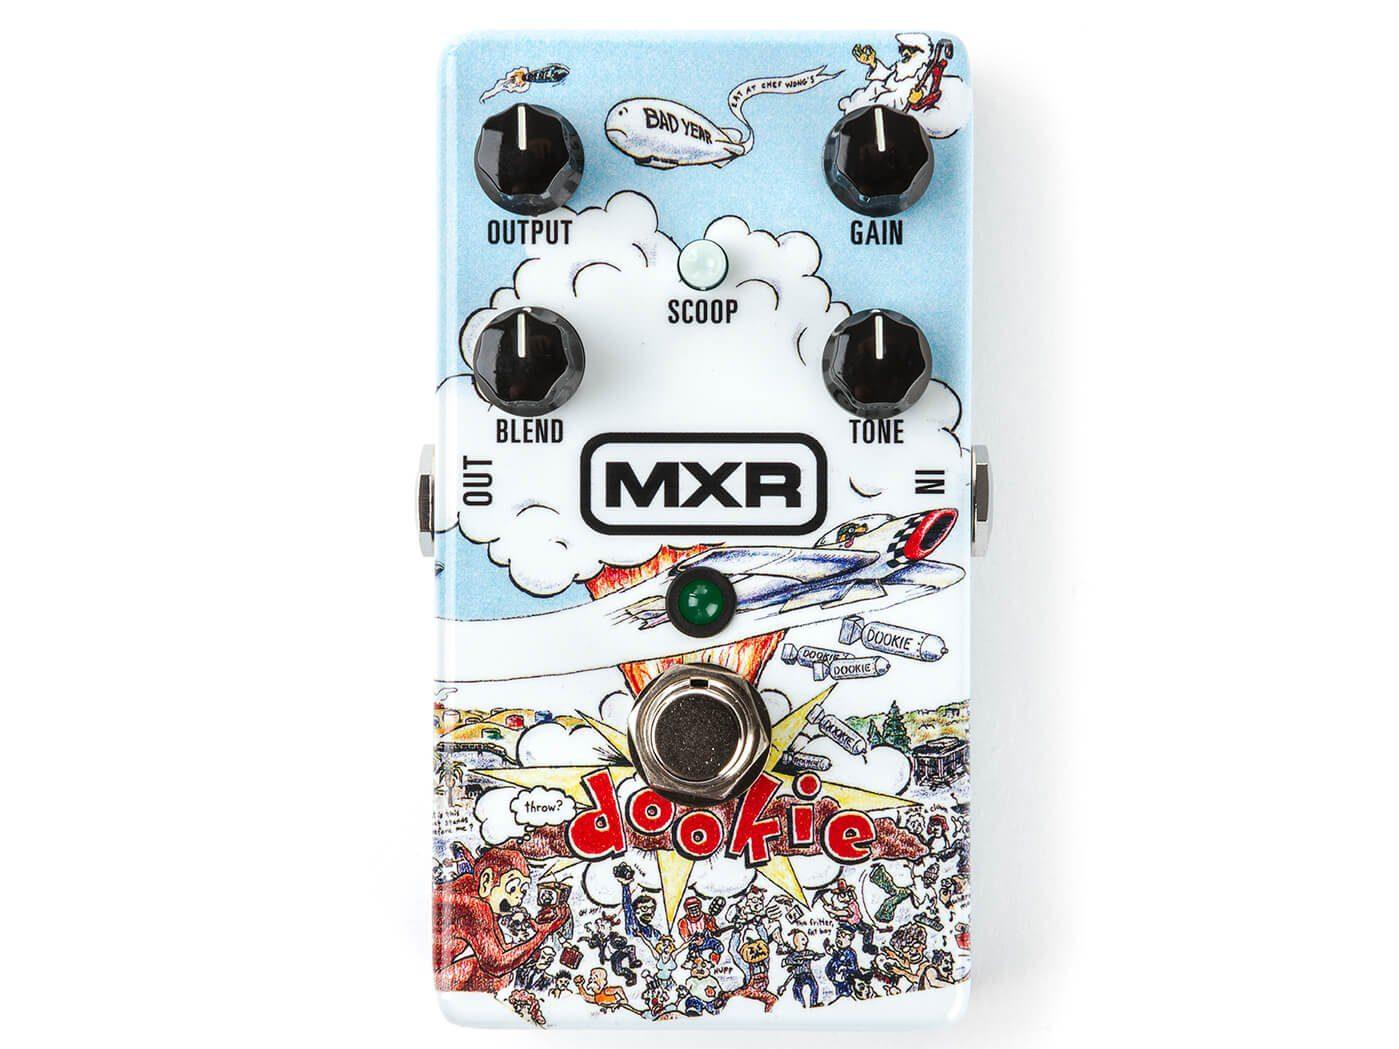 mxr-dookie-drive@1400x1050